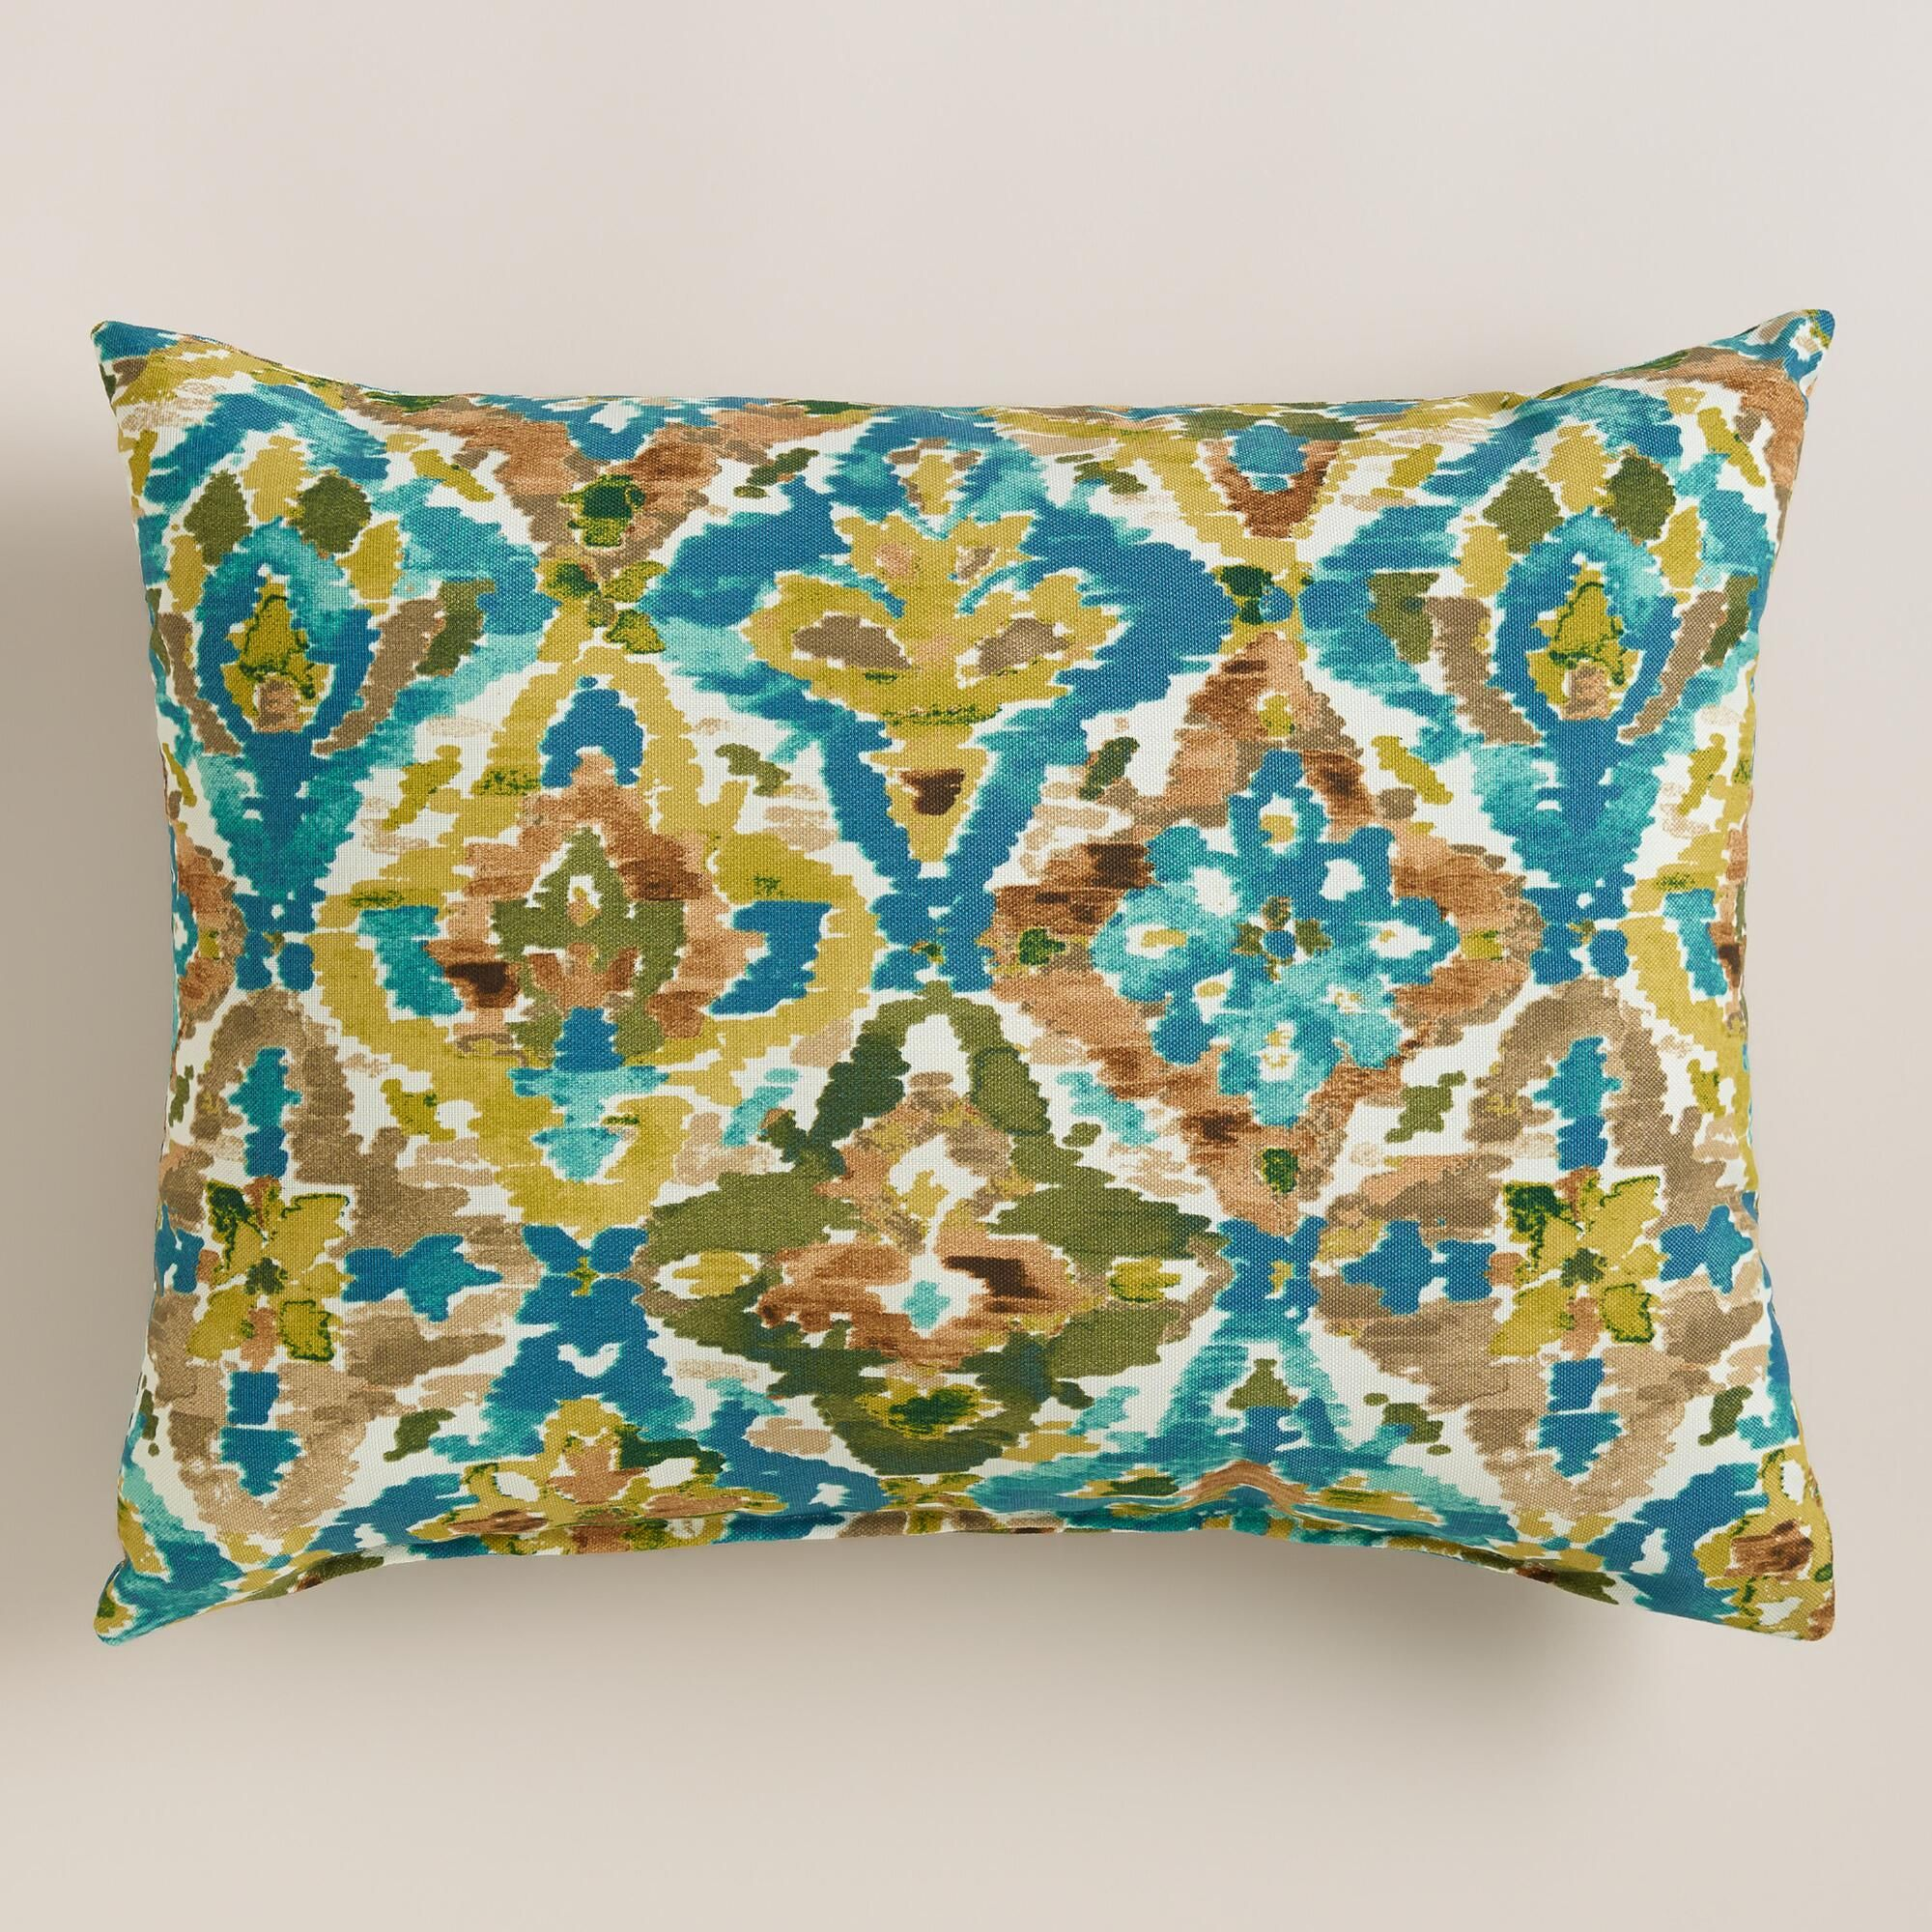 chair outdoor for target decorative pillows lumbar pillow